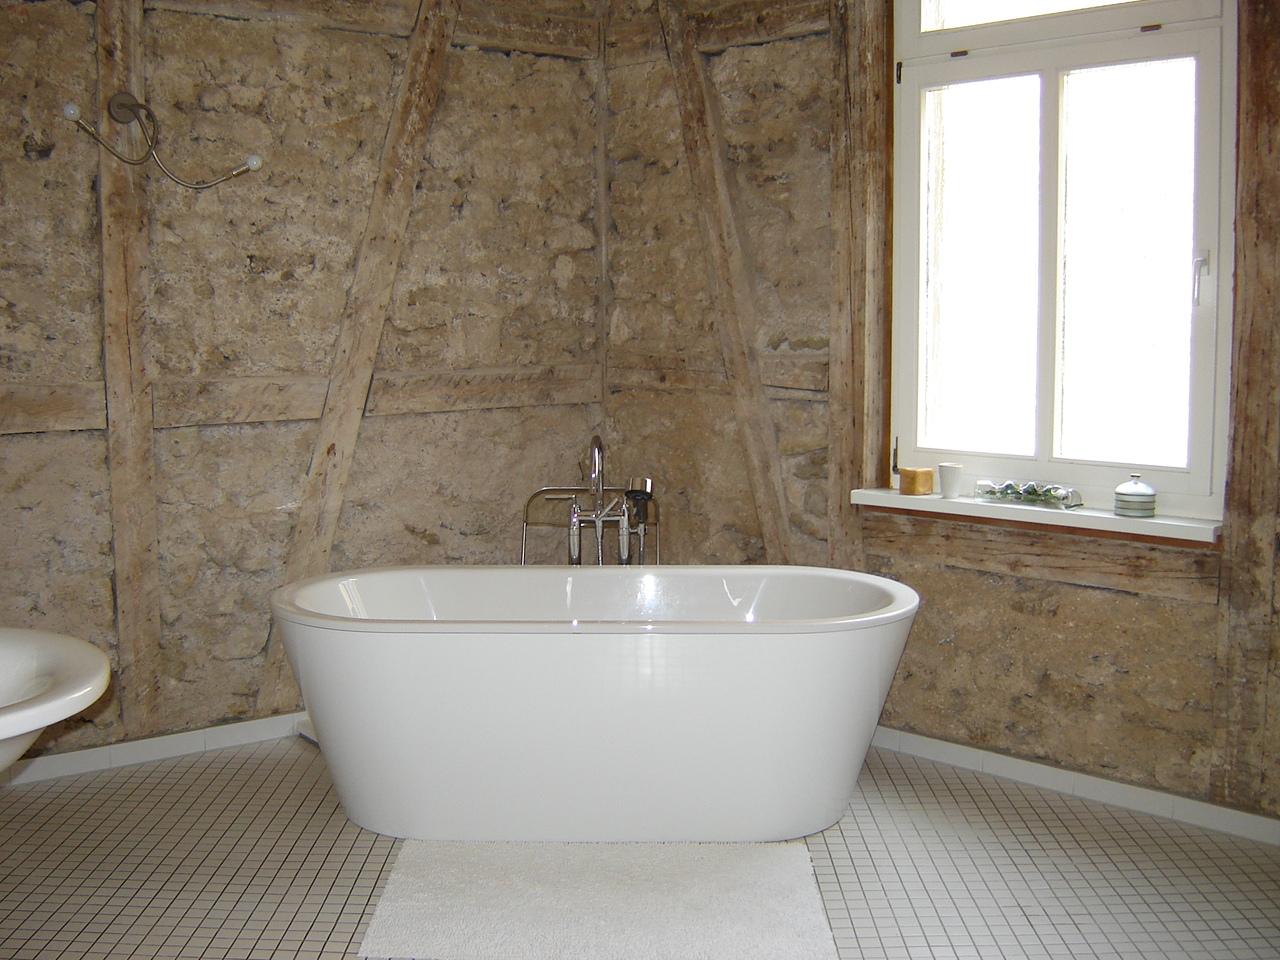 th baudienstleistungen bildergalerie b der. Black Bedroom Furniture Sets. Home Design Ideas